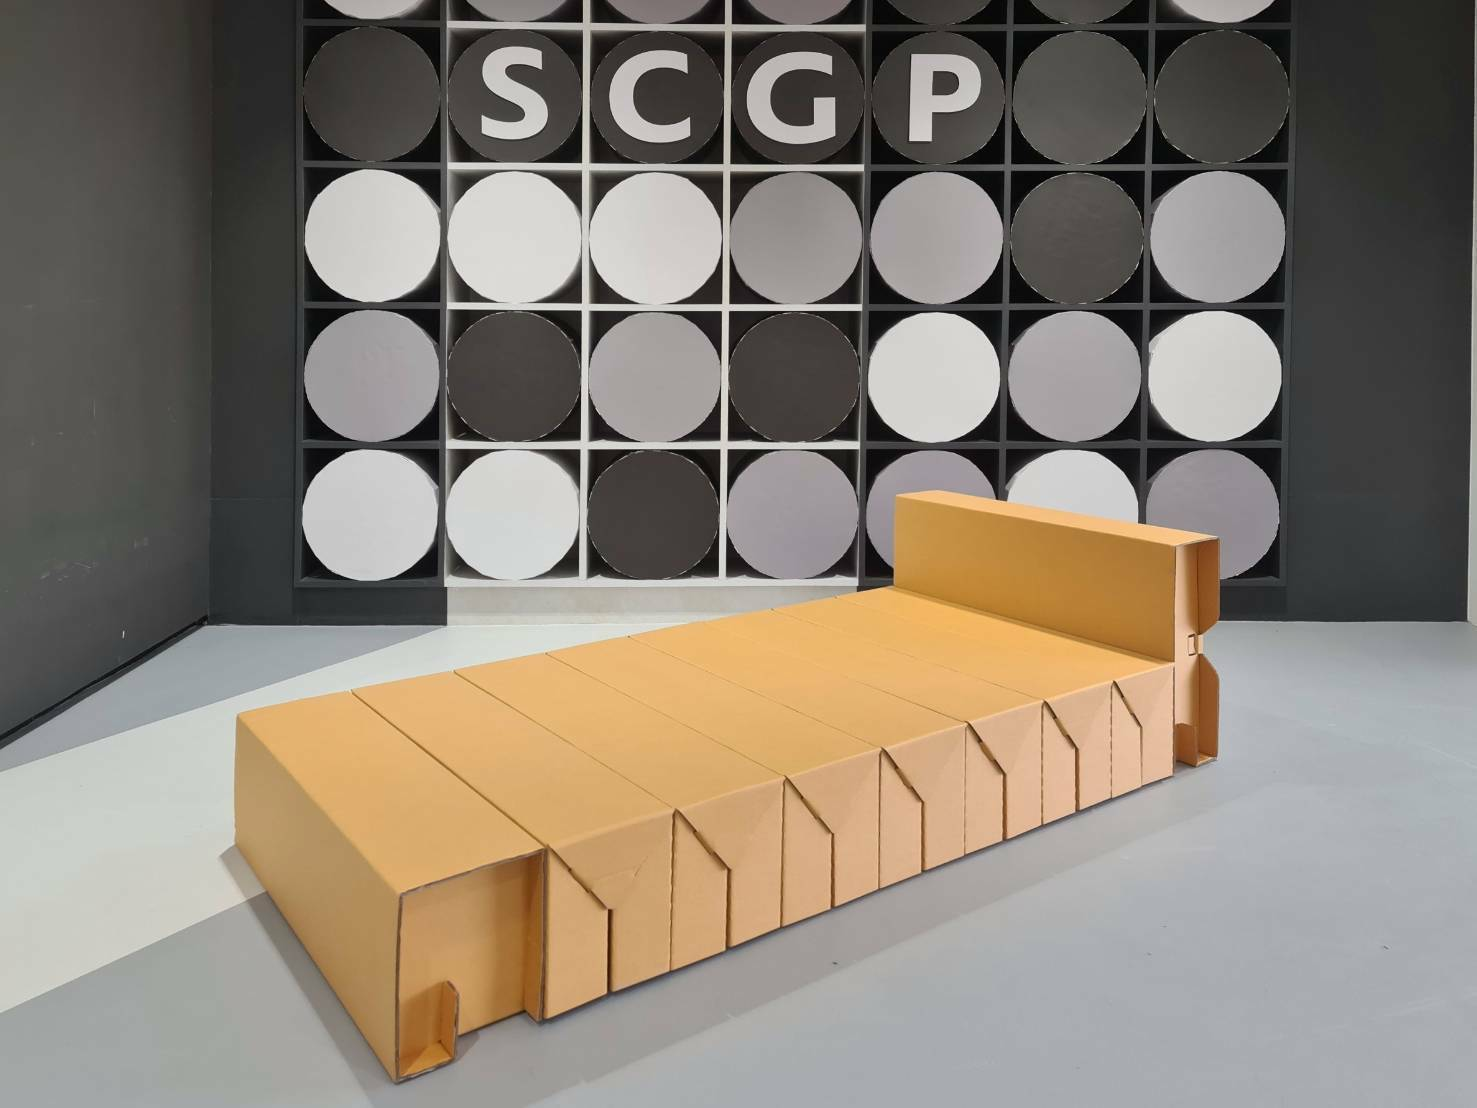 นวัตกรรมเพื่อสังคม เตียงกระดาษเอสซีจีพี 1